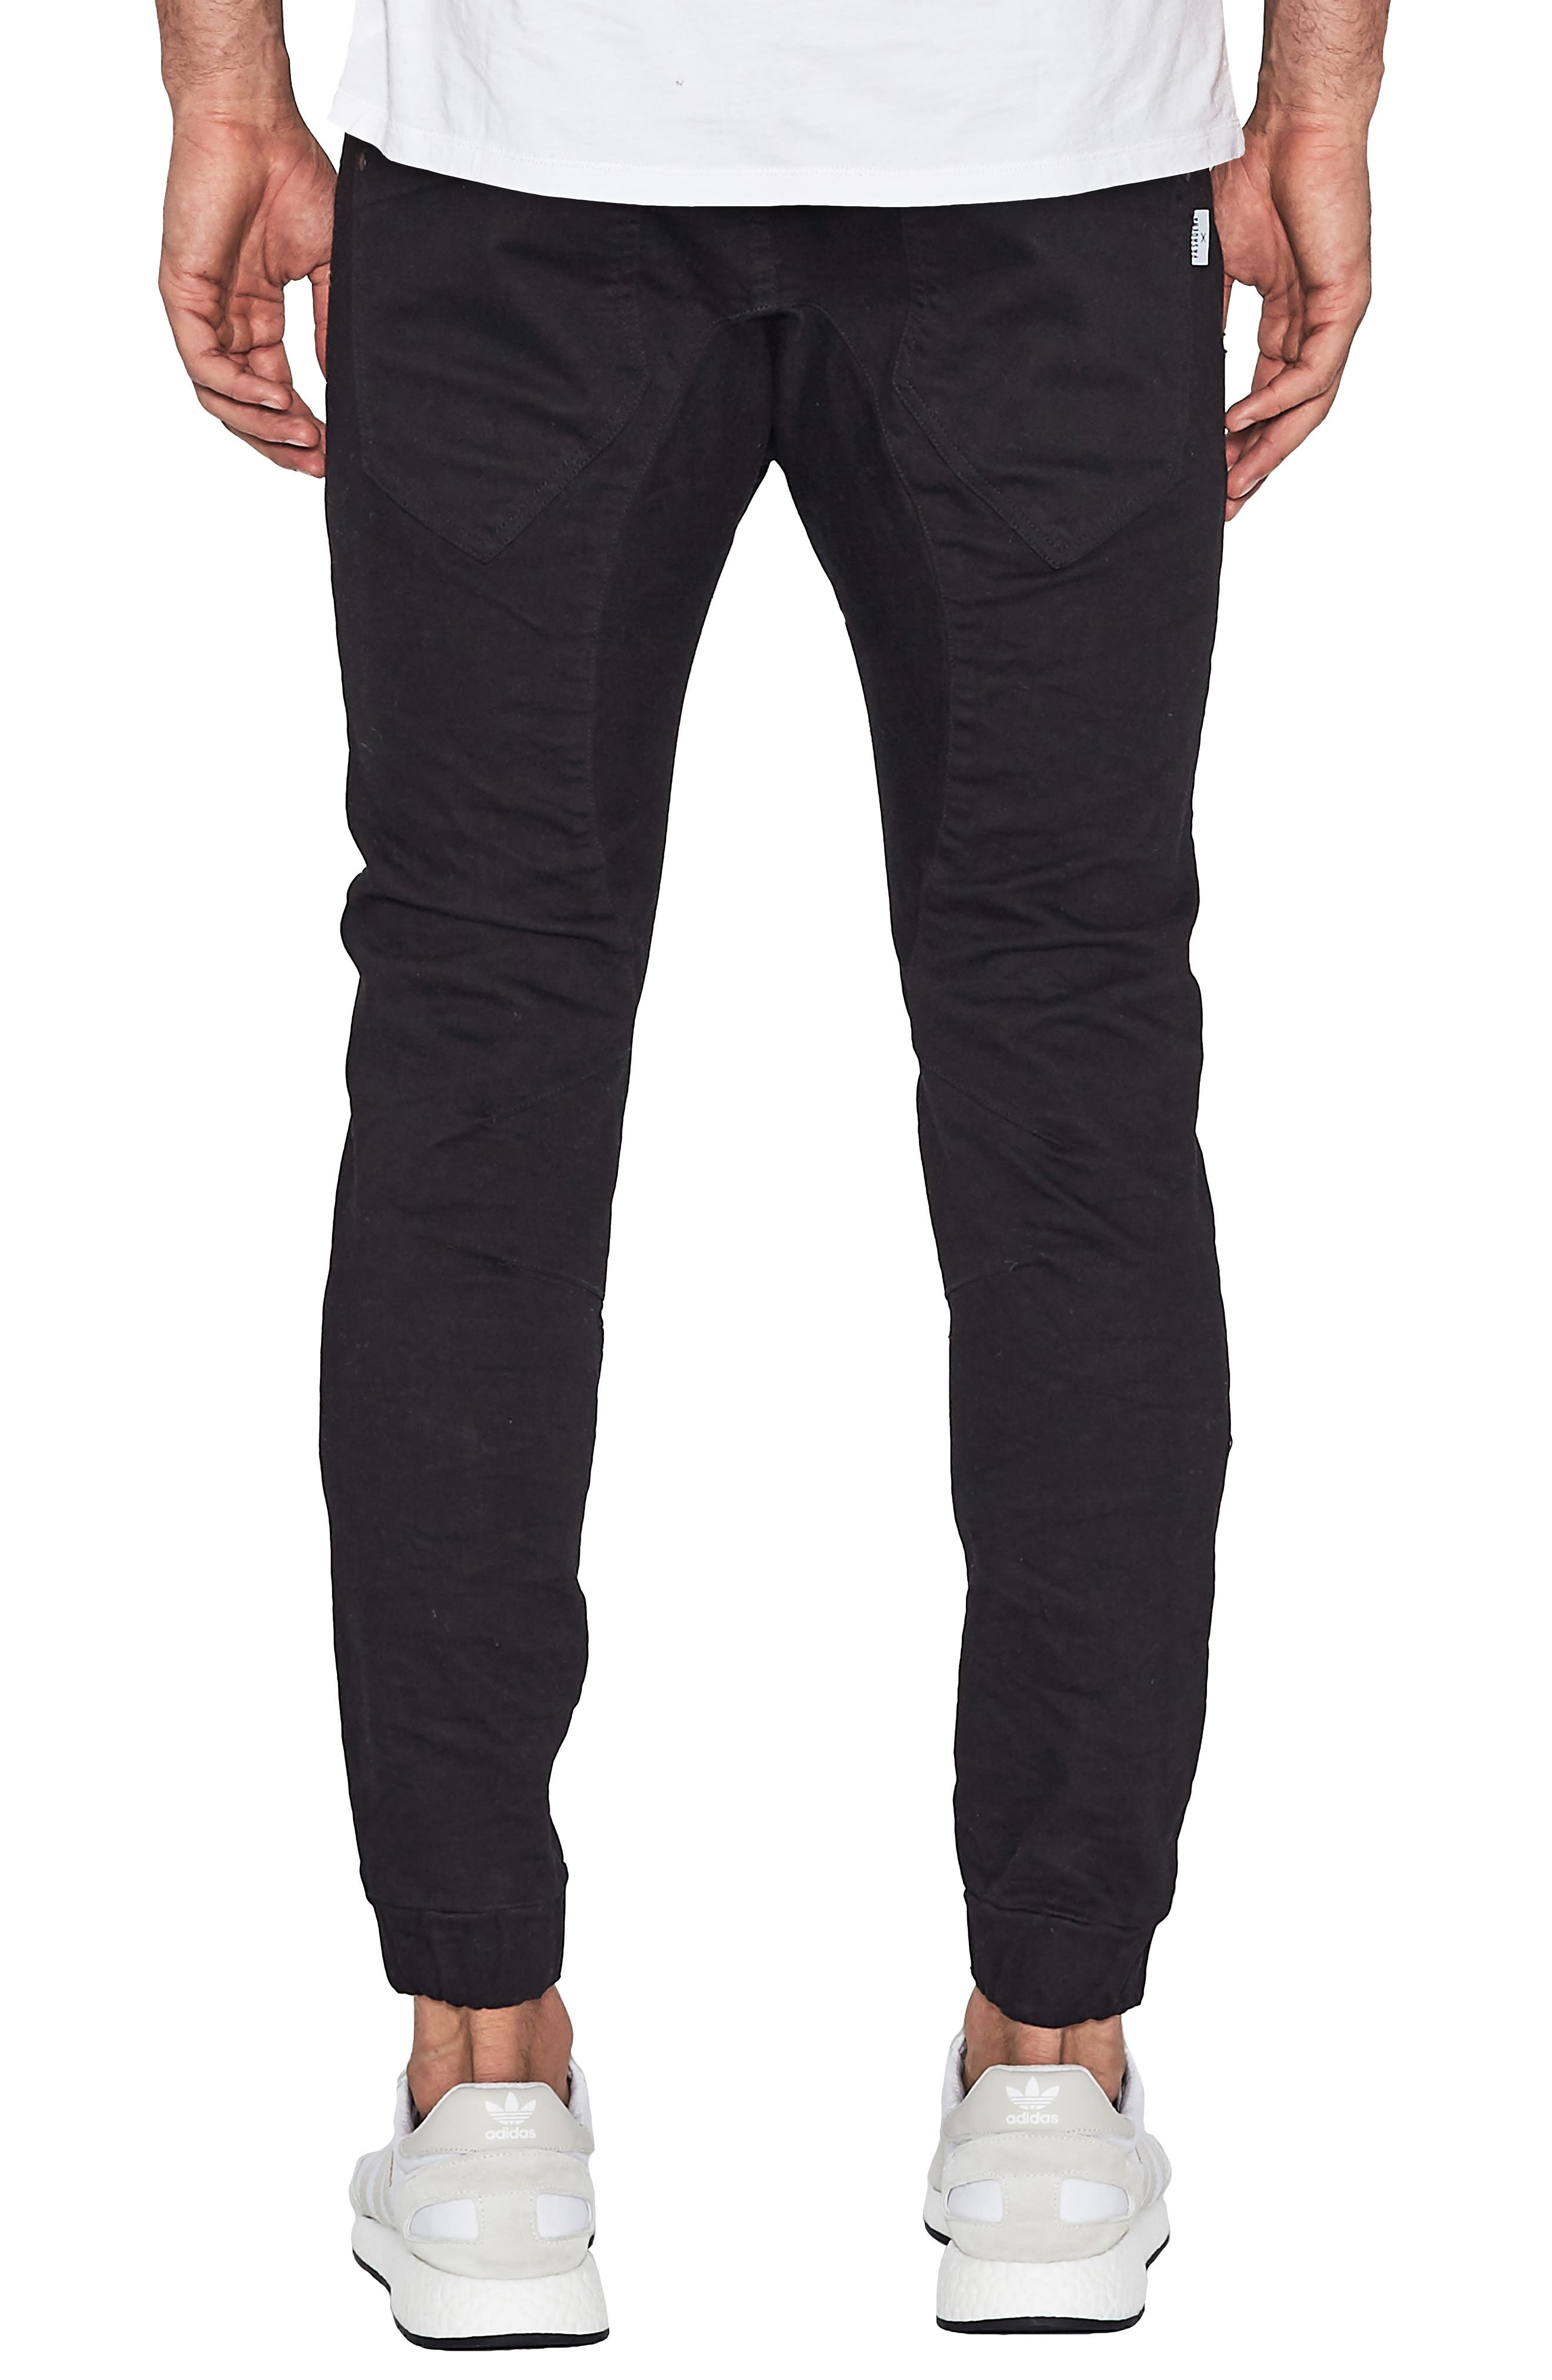 Hellcat Slim Fit Pants,                             Alternate thumbnail 2, color,                             Jet Black